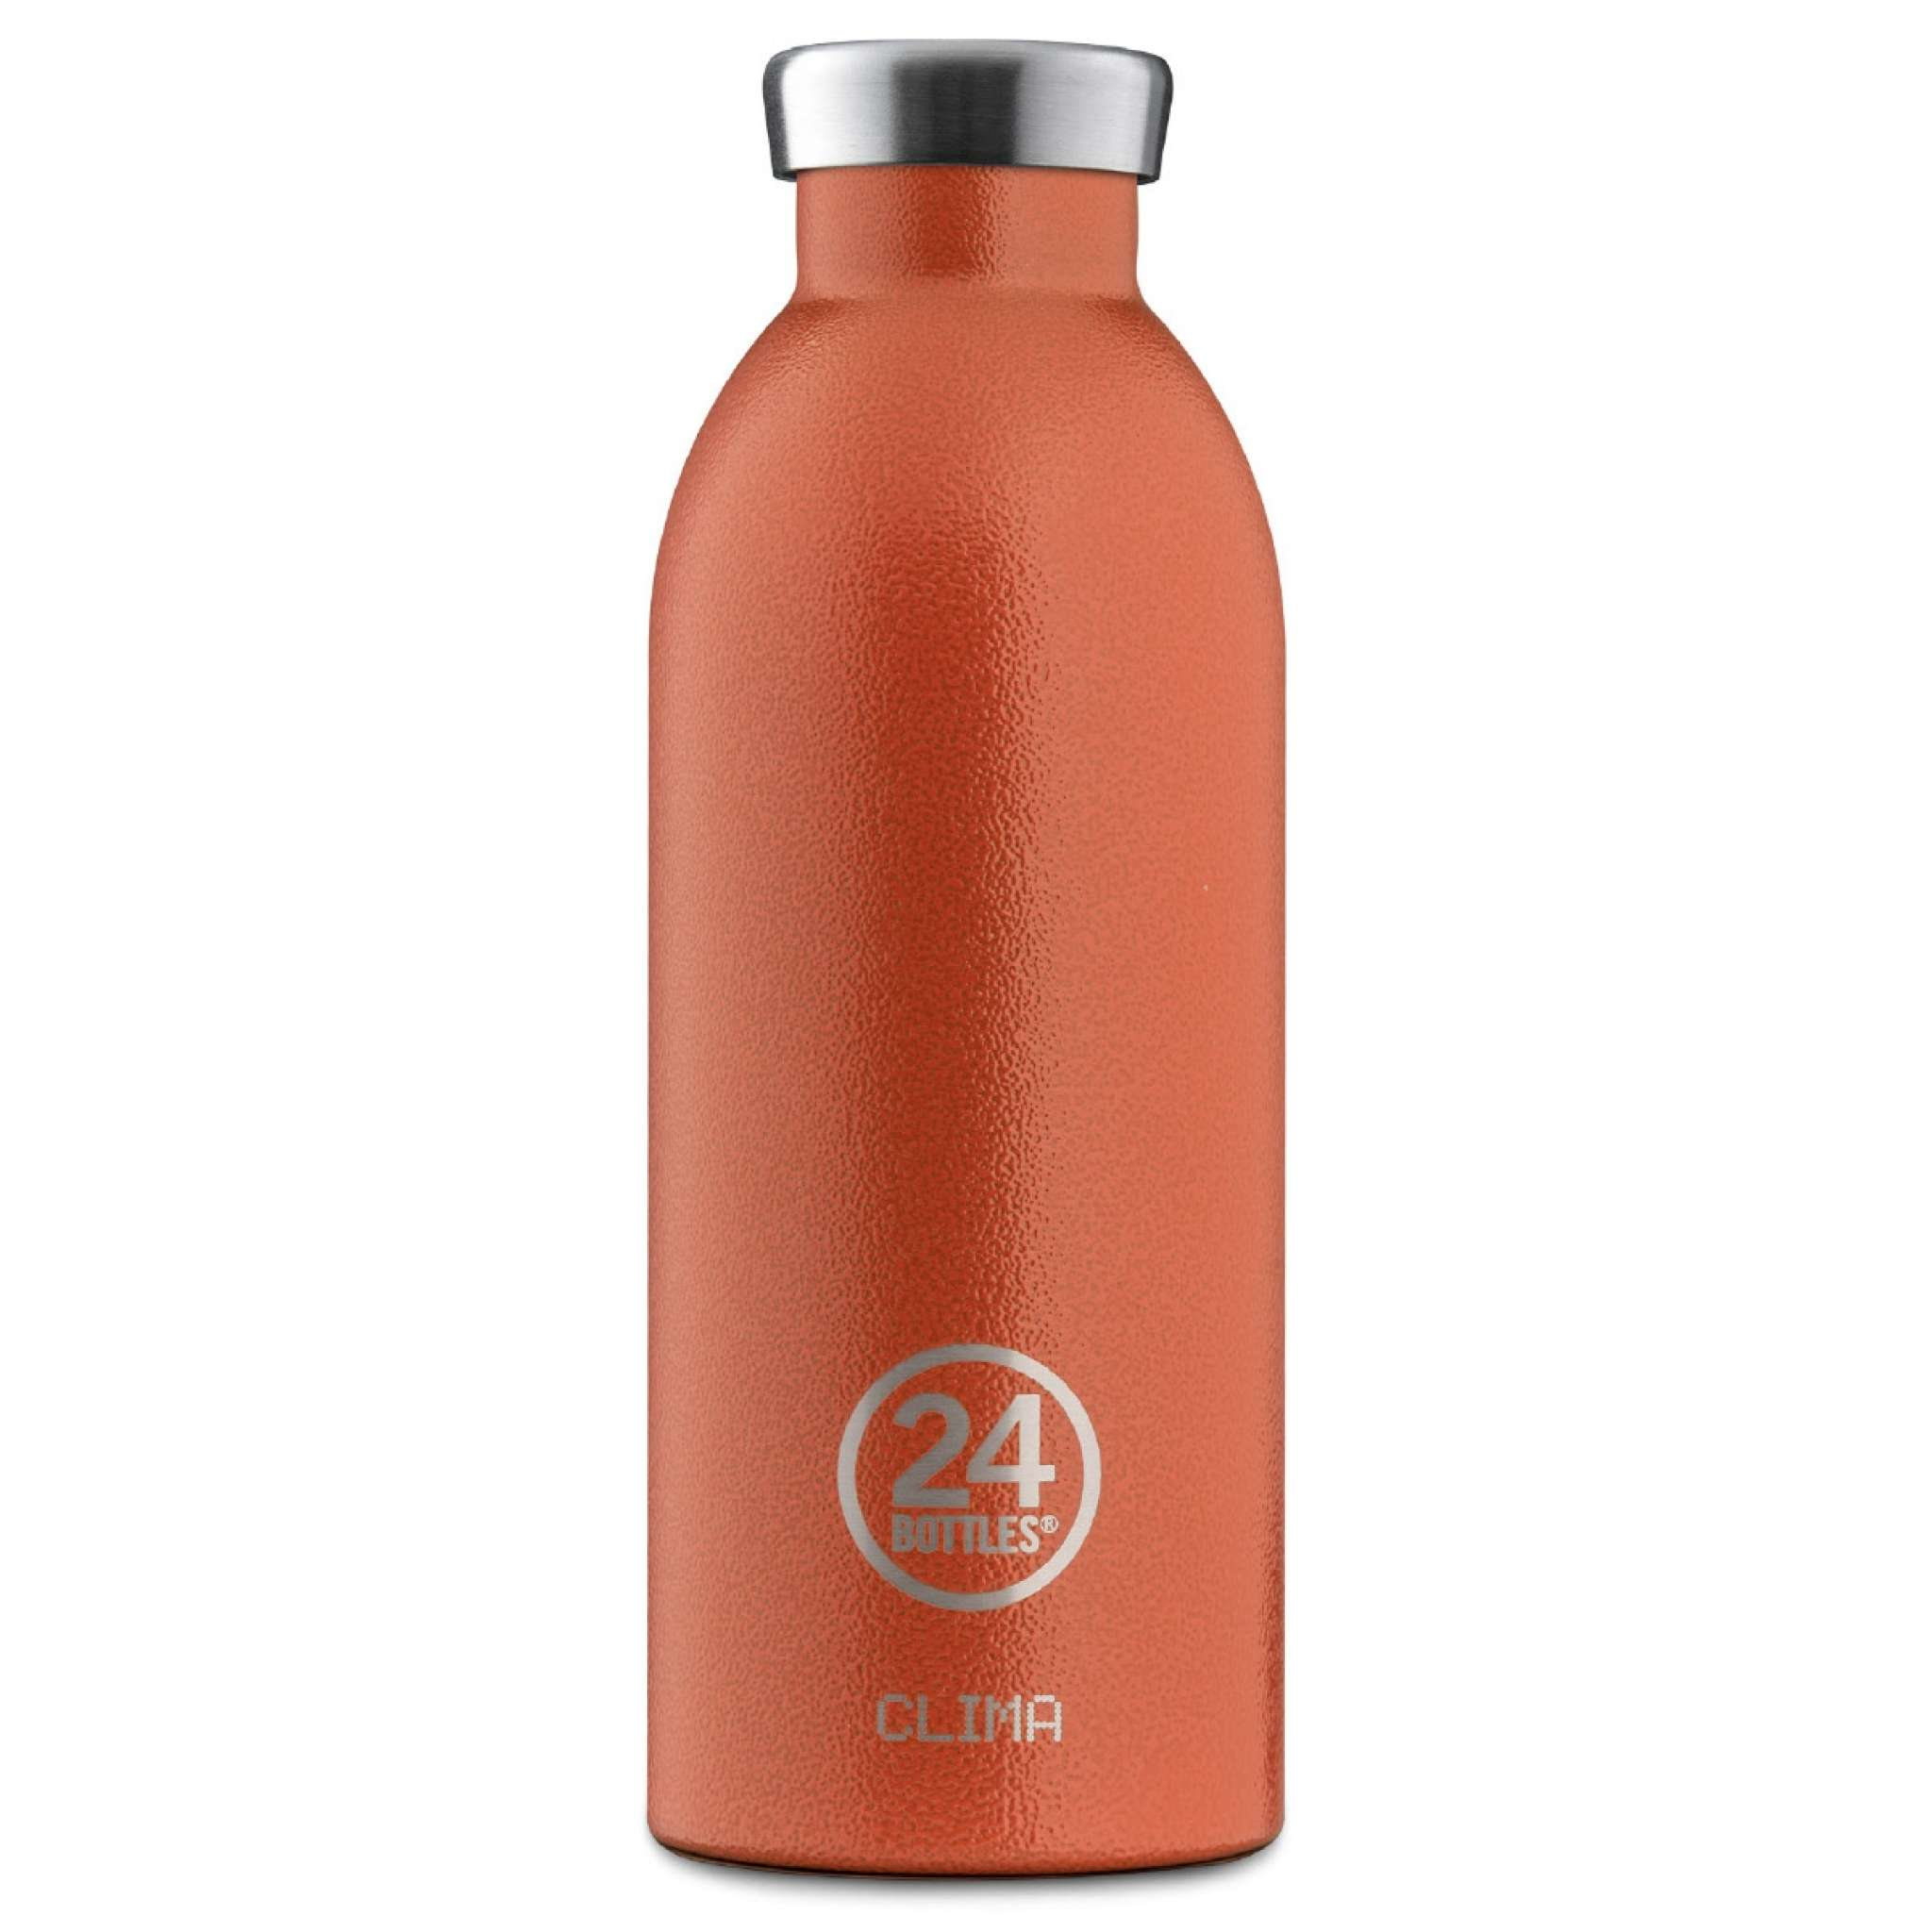 Clima 24Bottles 500 ml Sunset Orange